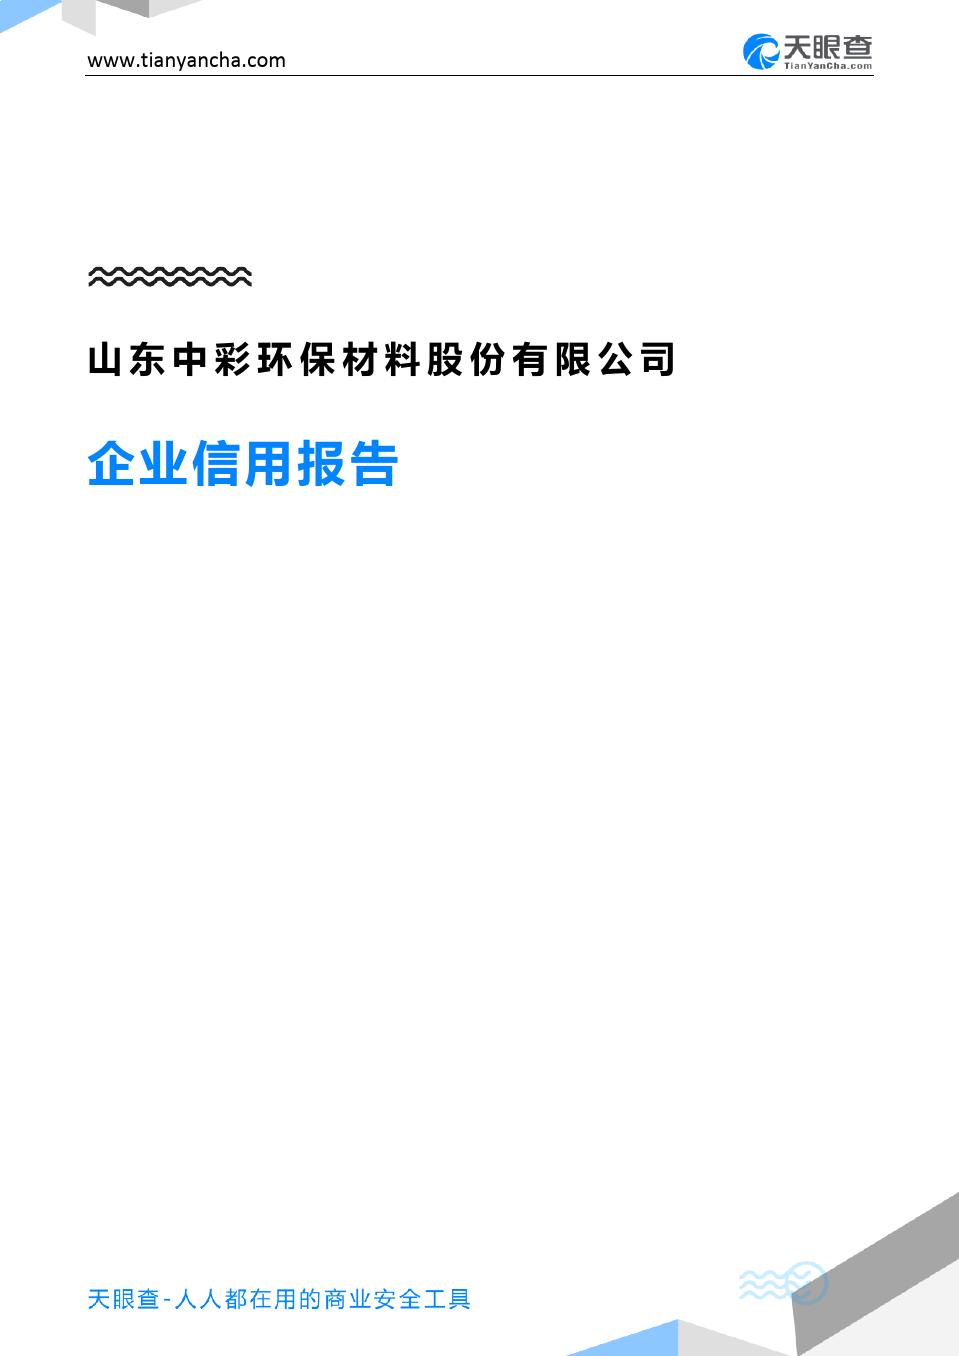 山东中彩环保材料股份有限公司(企业信用报告)- 天眼查